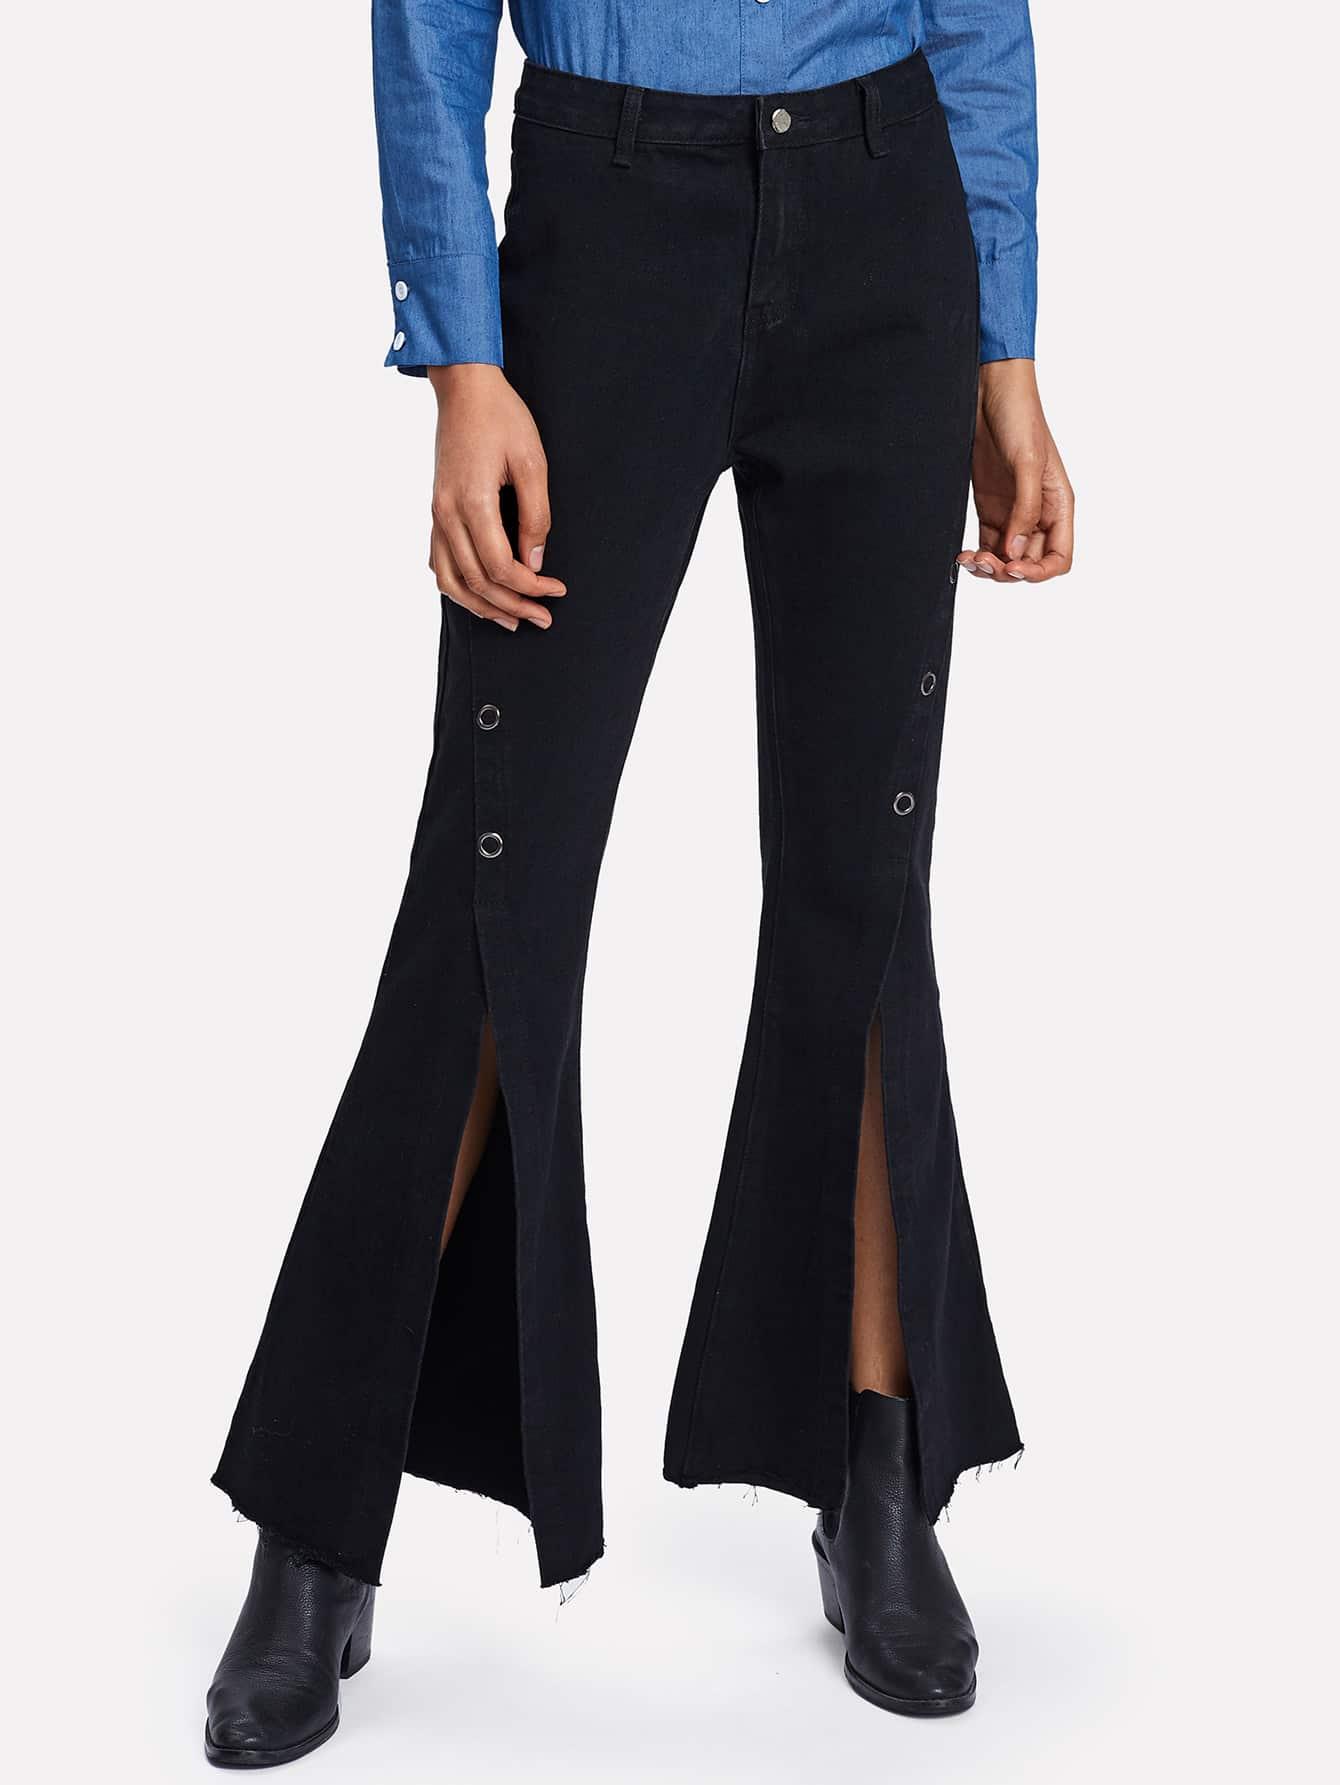 Grommet Split Flared Hem Jeans